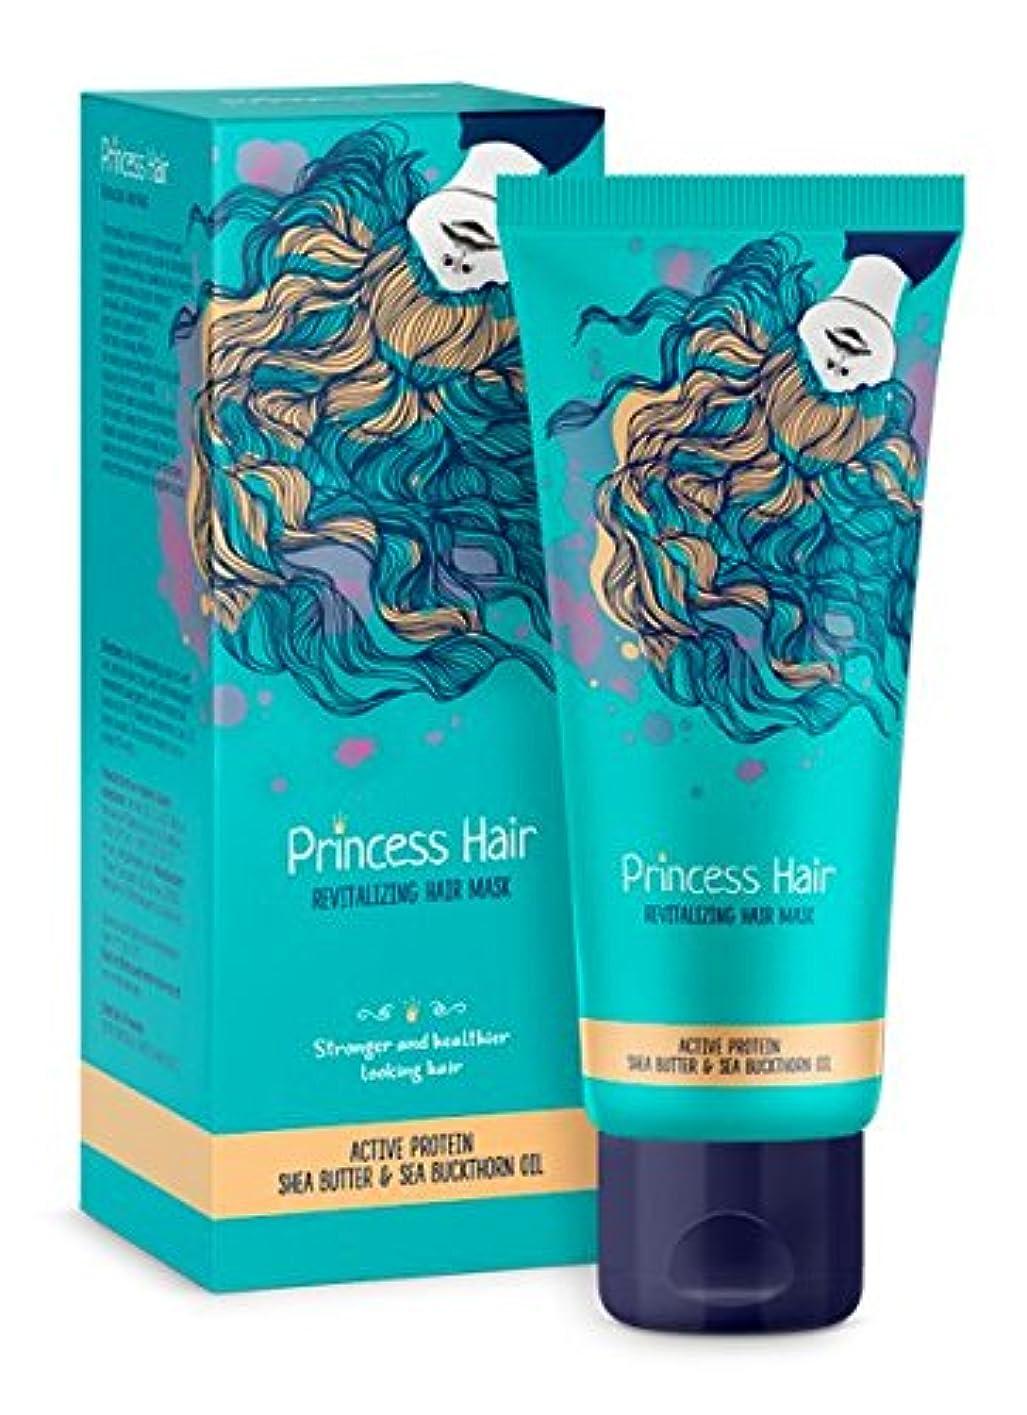 予備設計スペース育毛マスク Princess Hair, Mask for hair growth 75ml Hendel's Garden